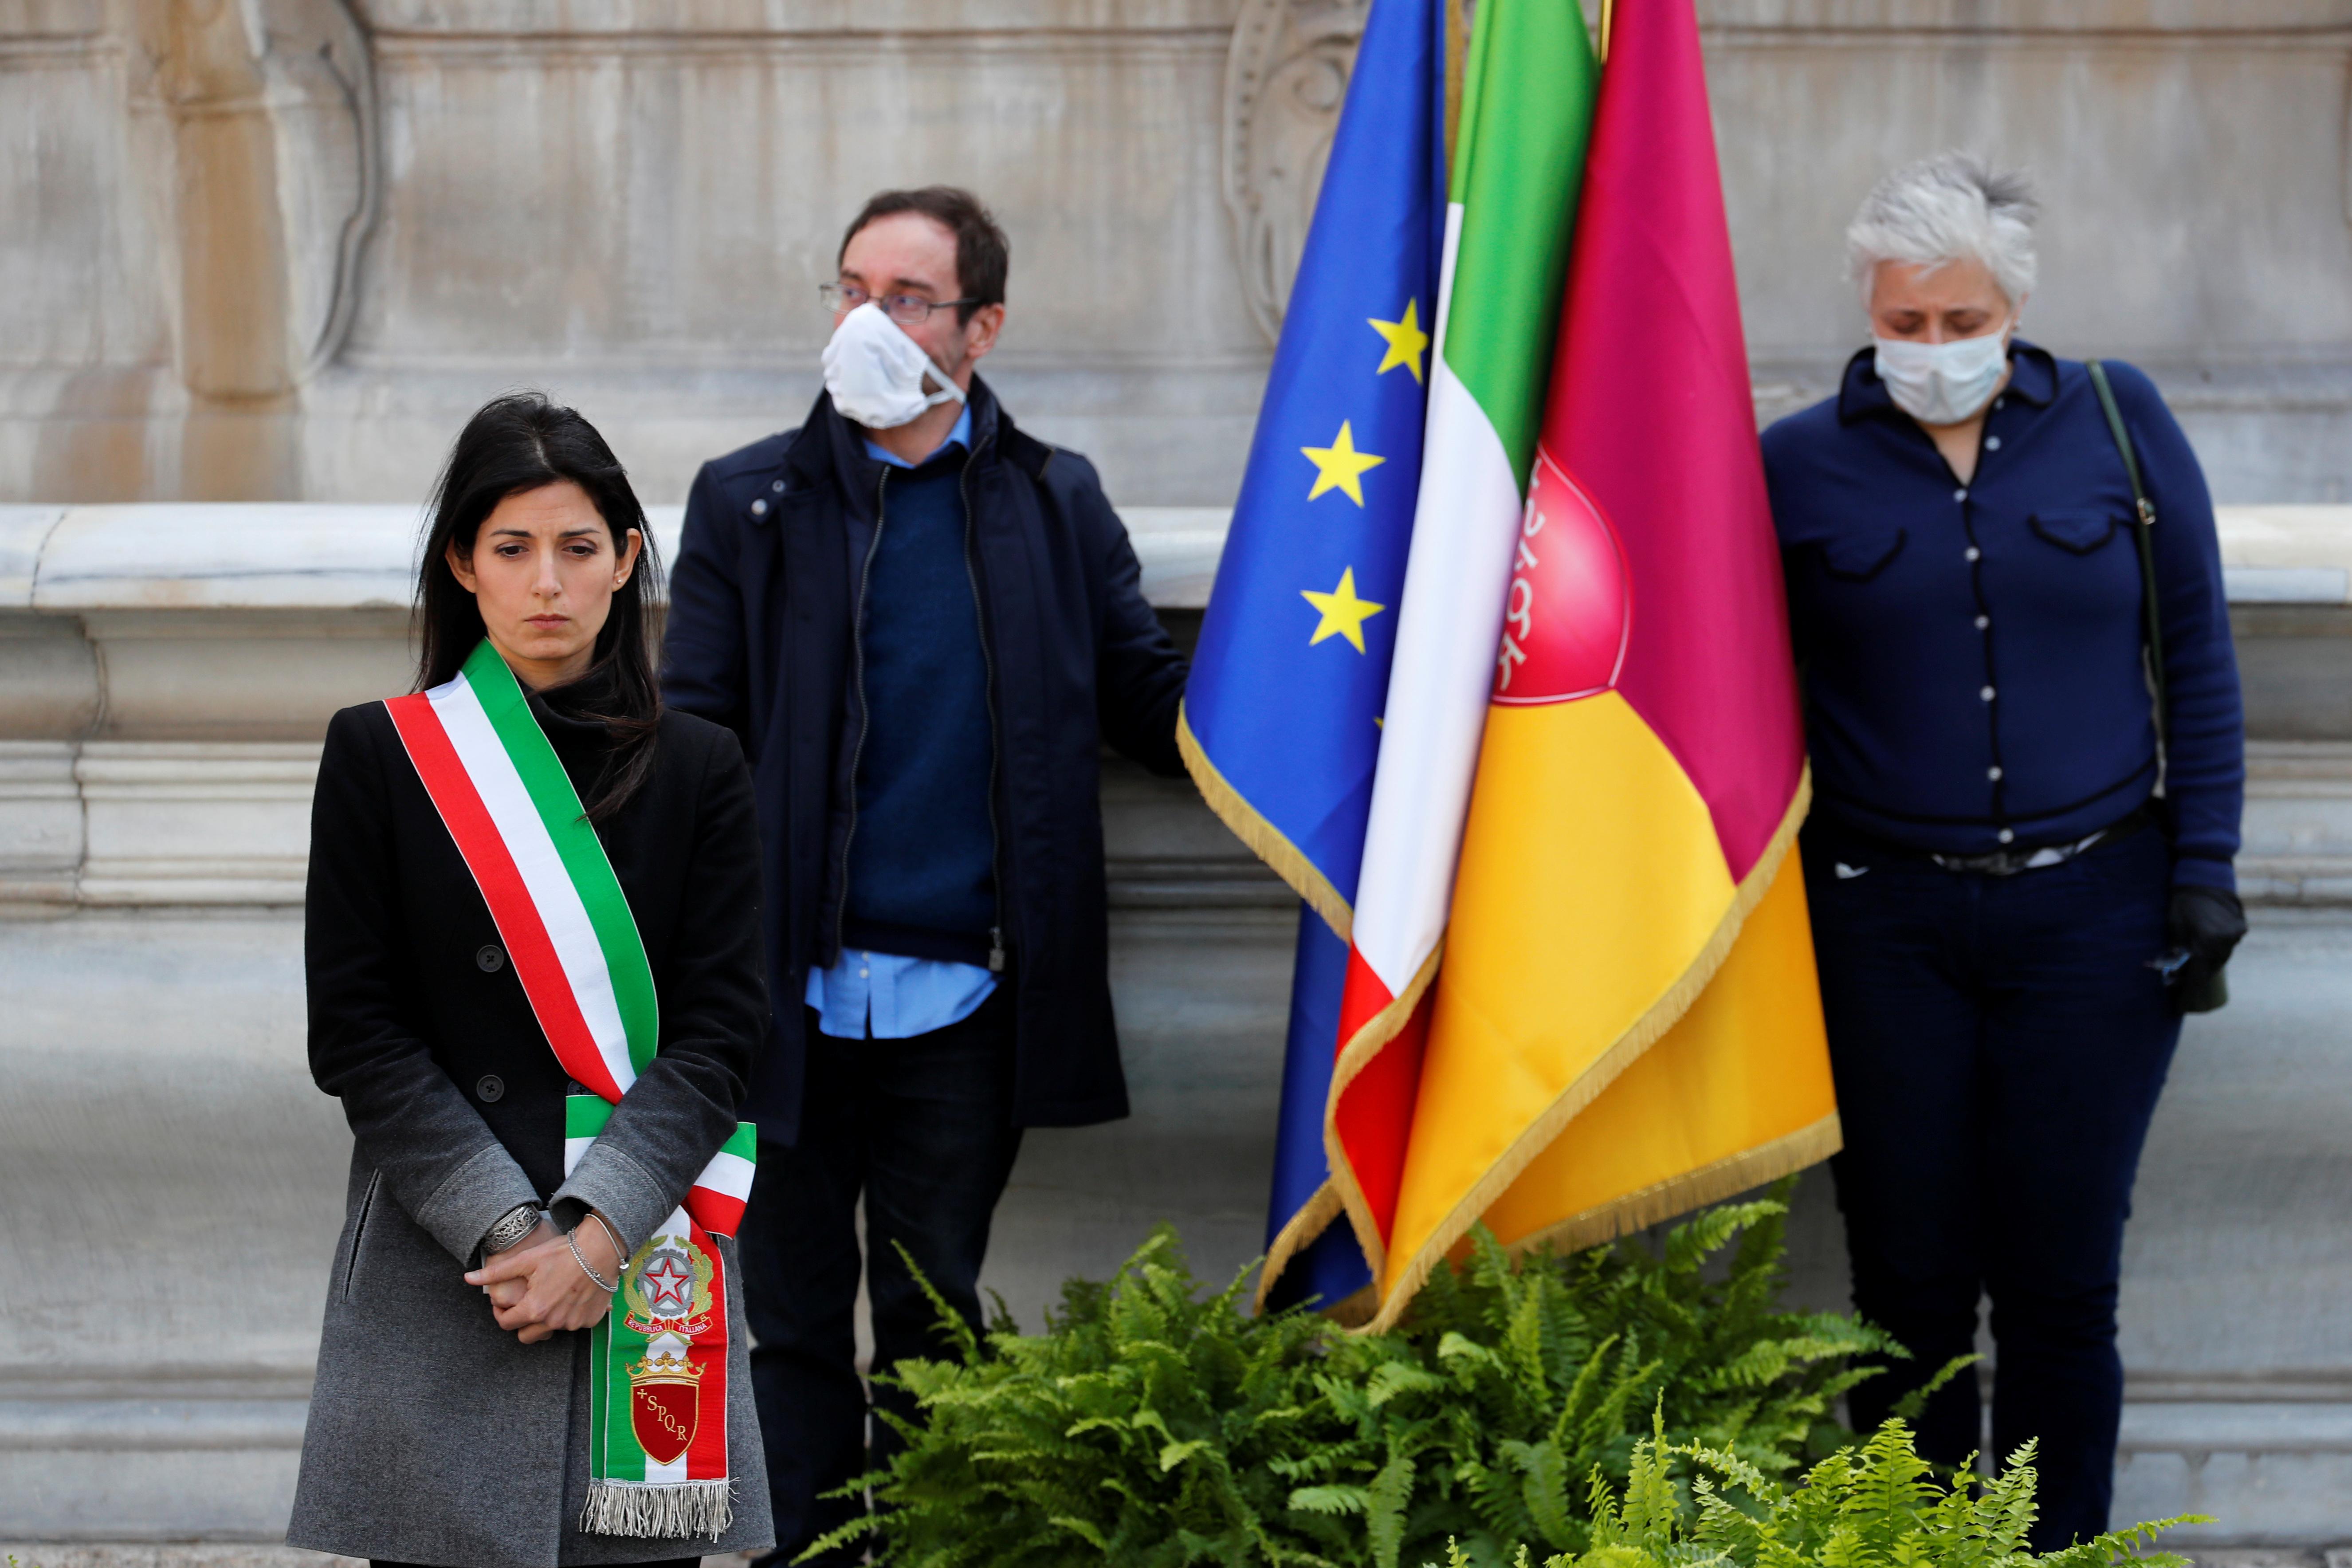 La alcaldesa Virginia Raggi en la plaza del Capitolio, en Roma (REUTERS/Remo Casilli)